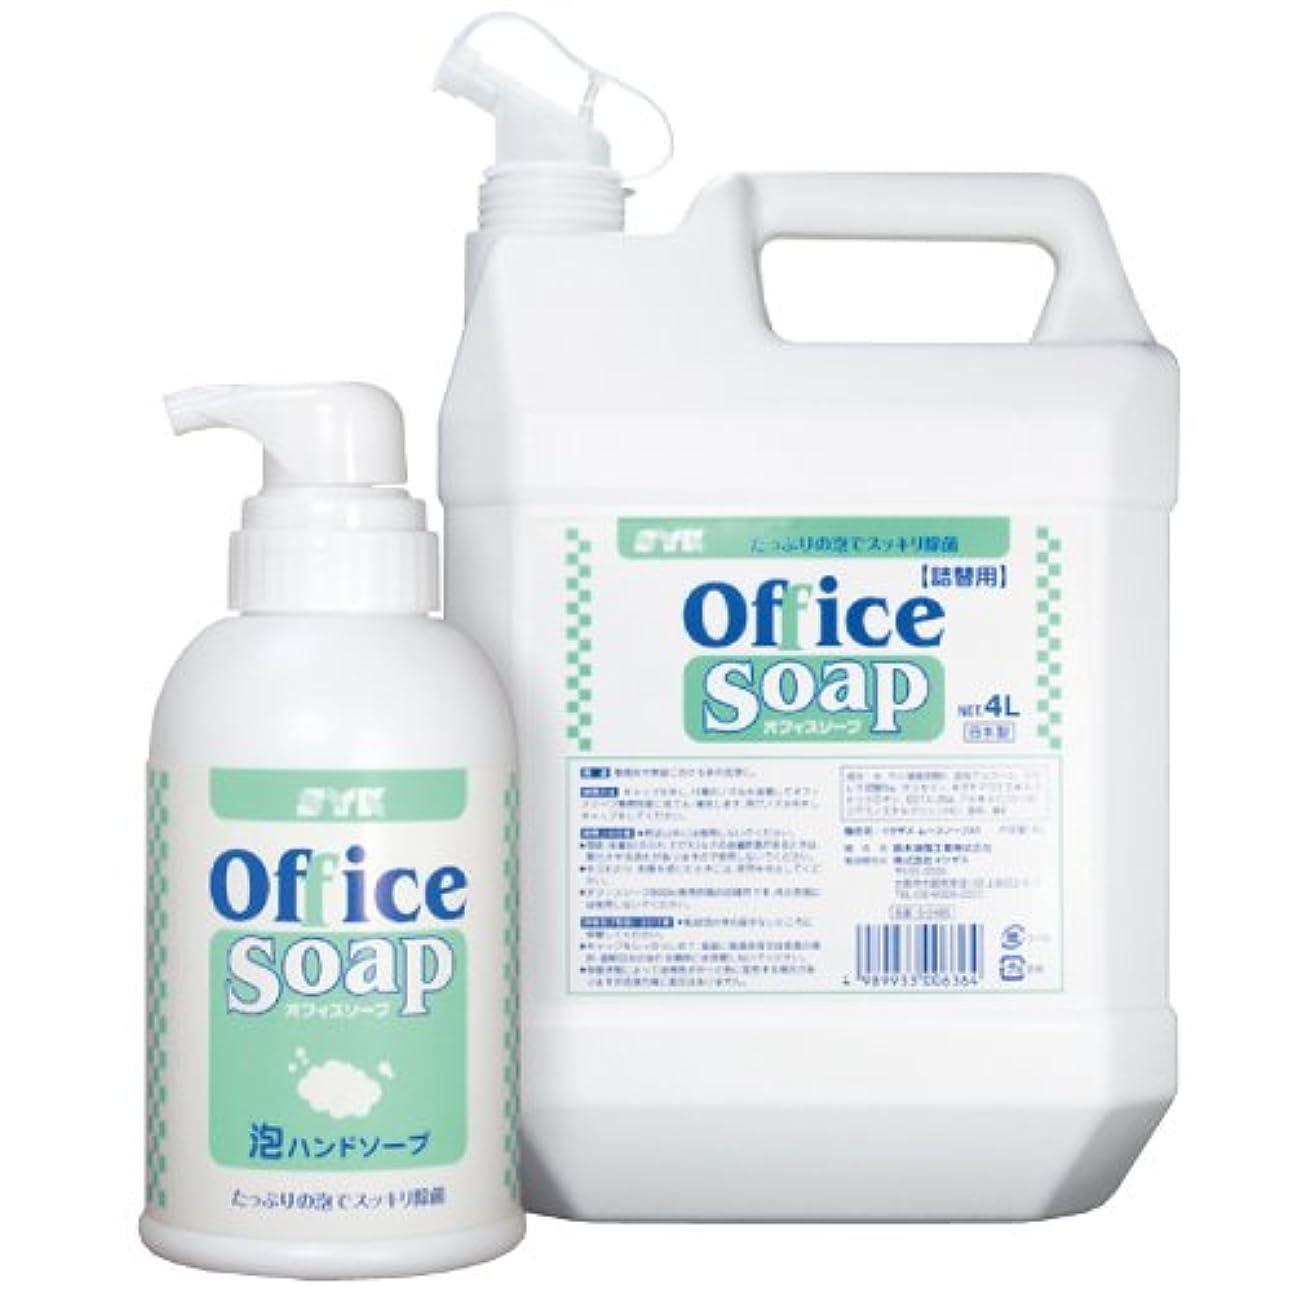 悩む遺棄された反射鈴木油脂 事務所用手洗い洗剤 業務用 オフィスソープ ポンプ入 780ml×3本